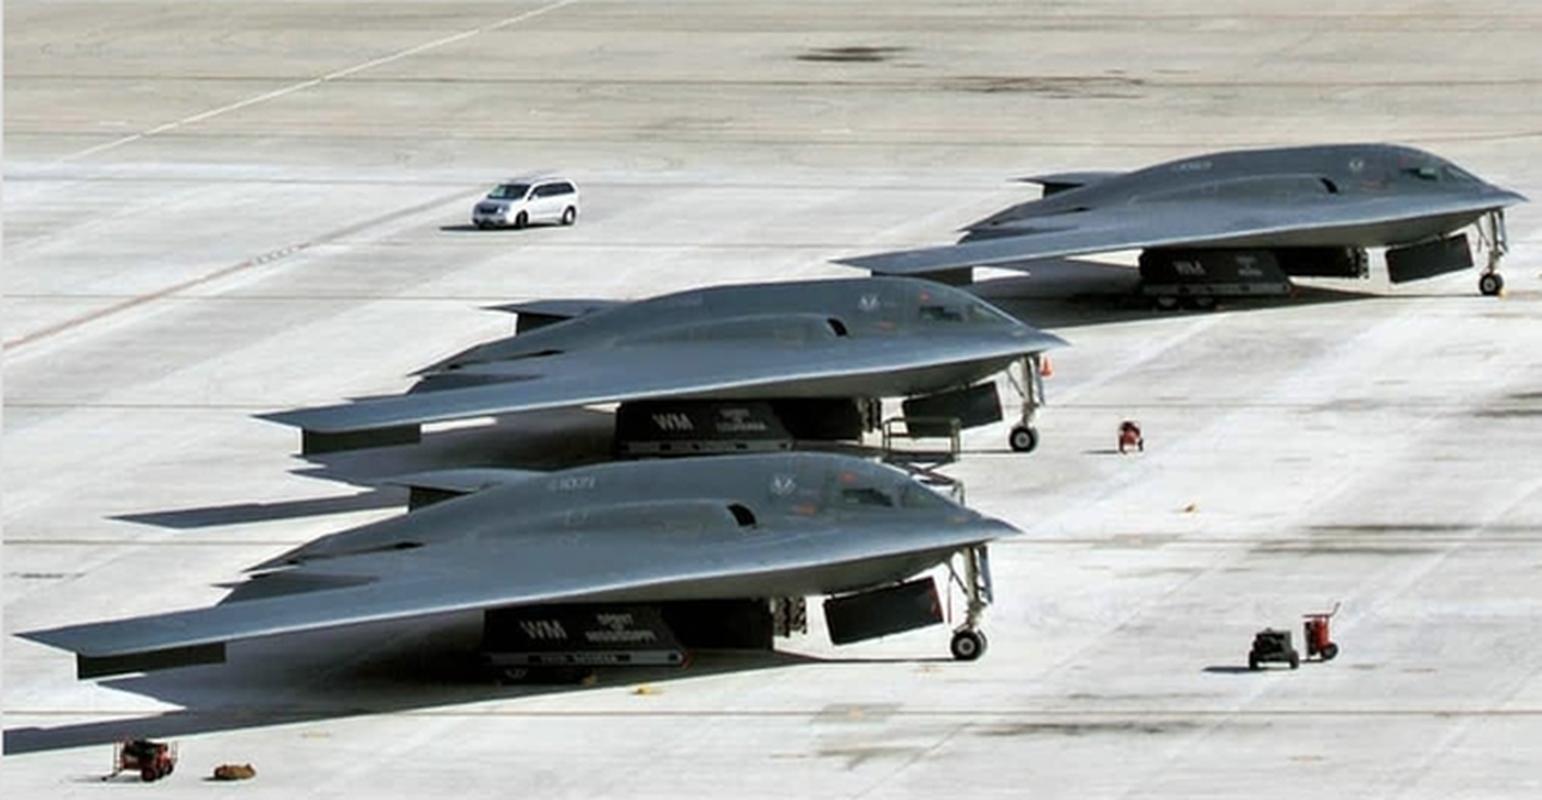 May bay nem bom B-21 co xuyen thung duoc he thong phong thu S-400?-Hinh-13